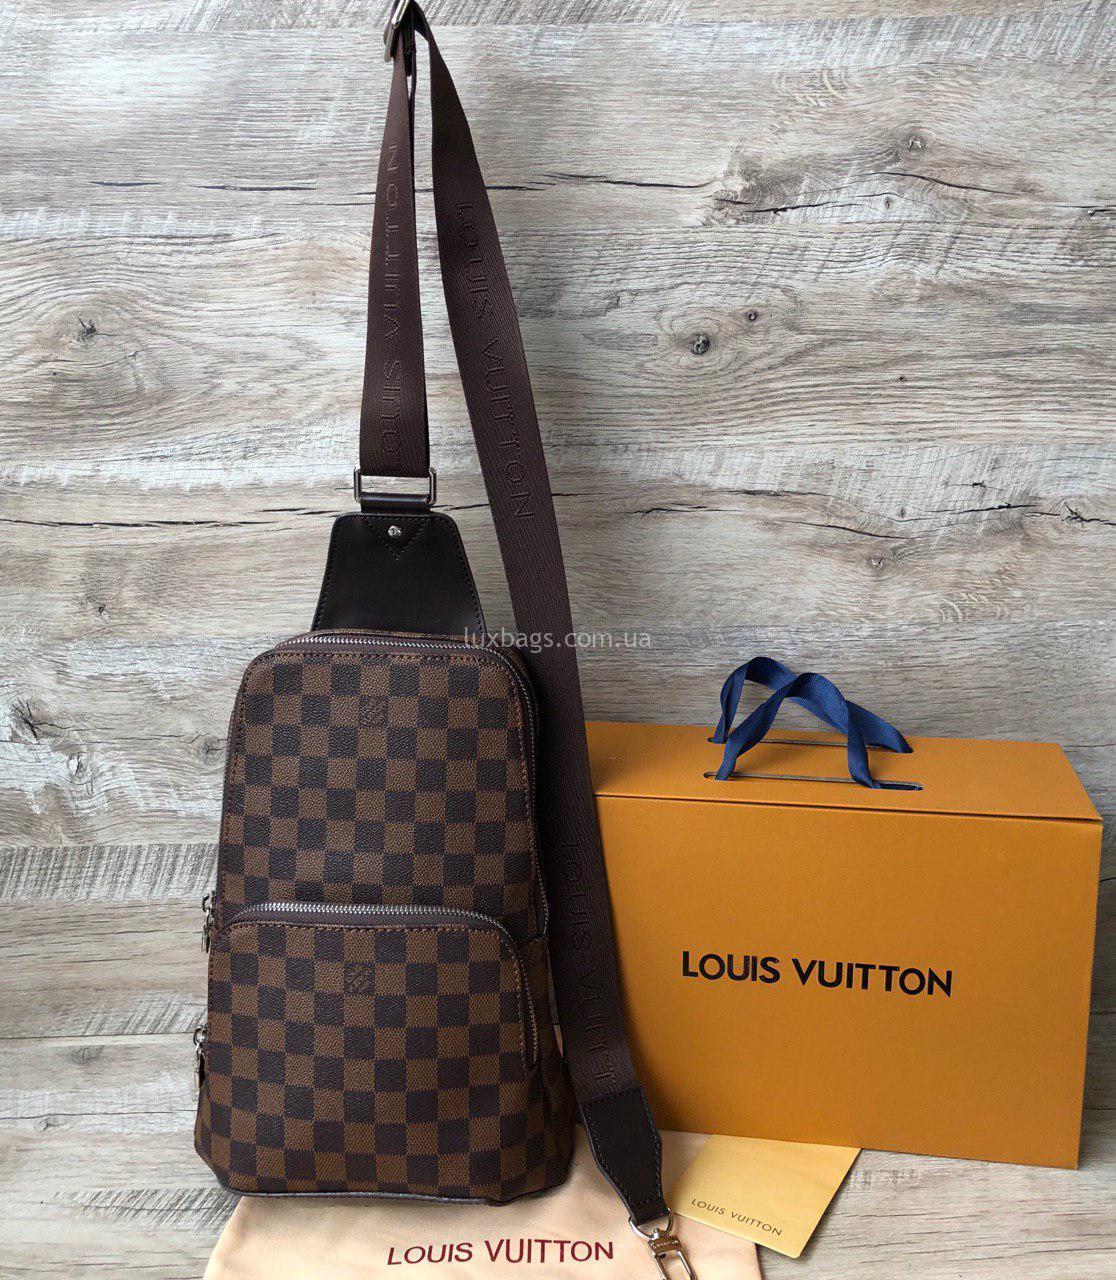 4beb62a60581 Сумка-слинг Louis Vuitton Купить на lux-bags